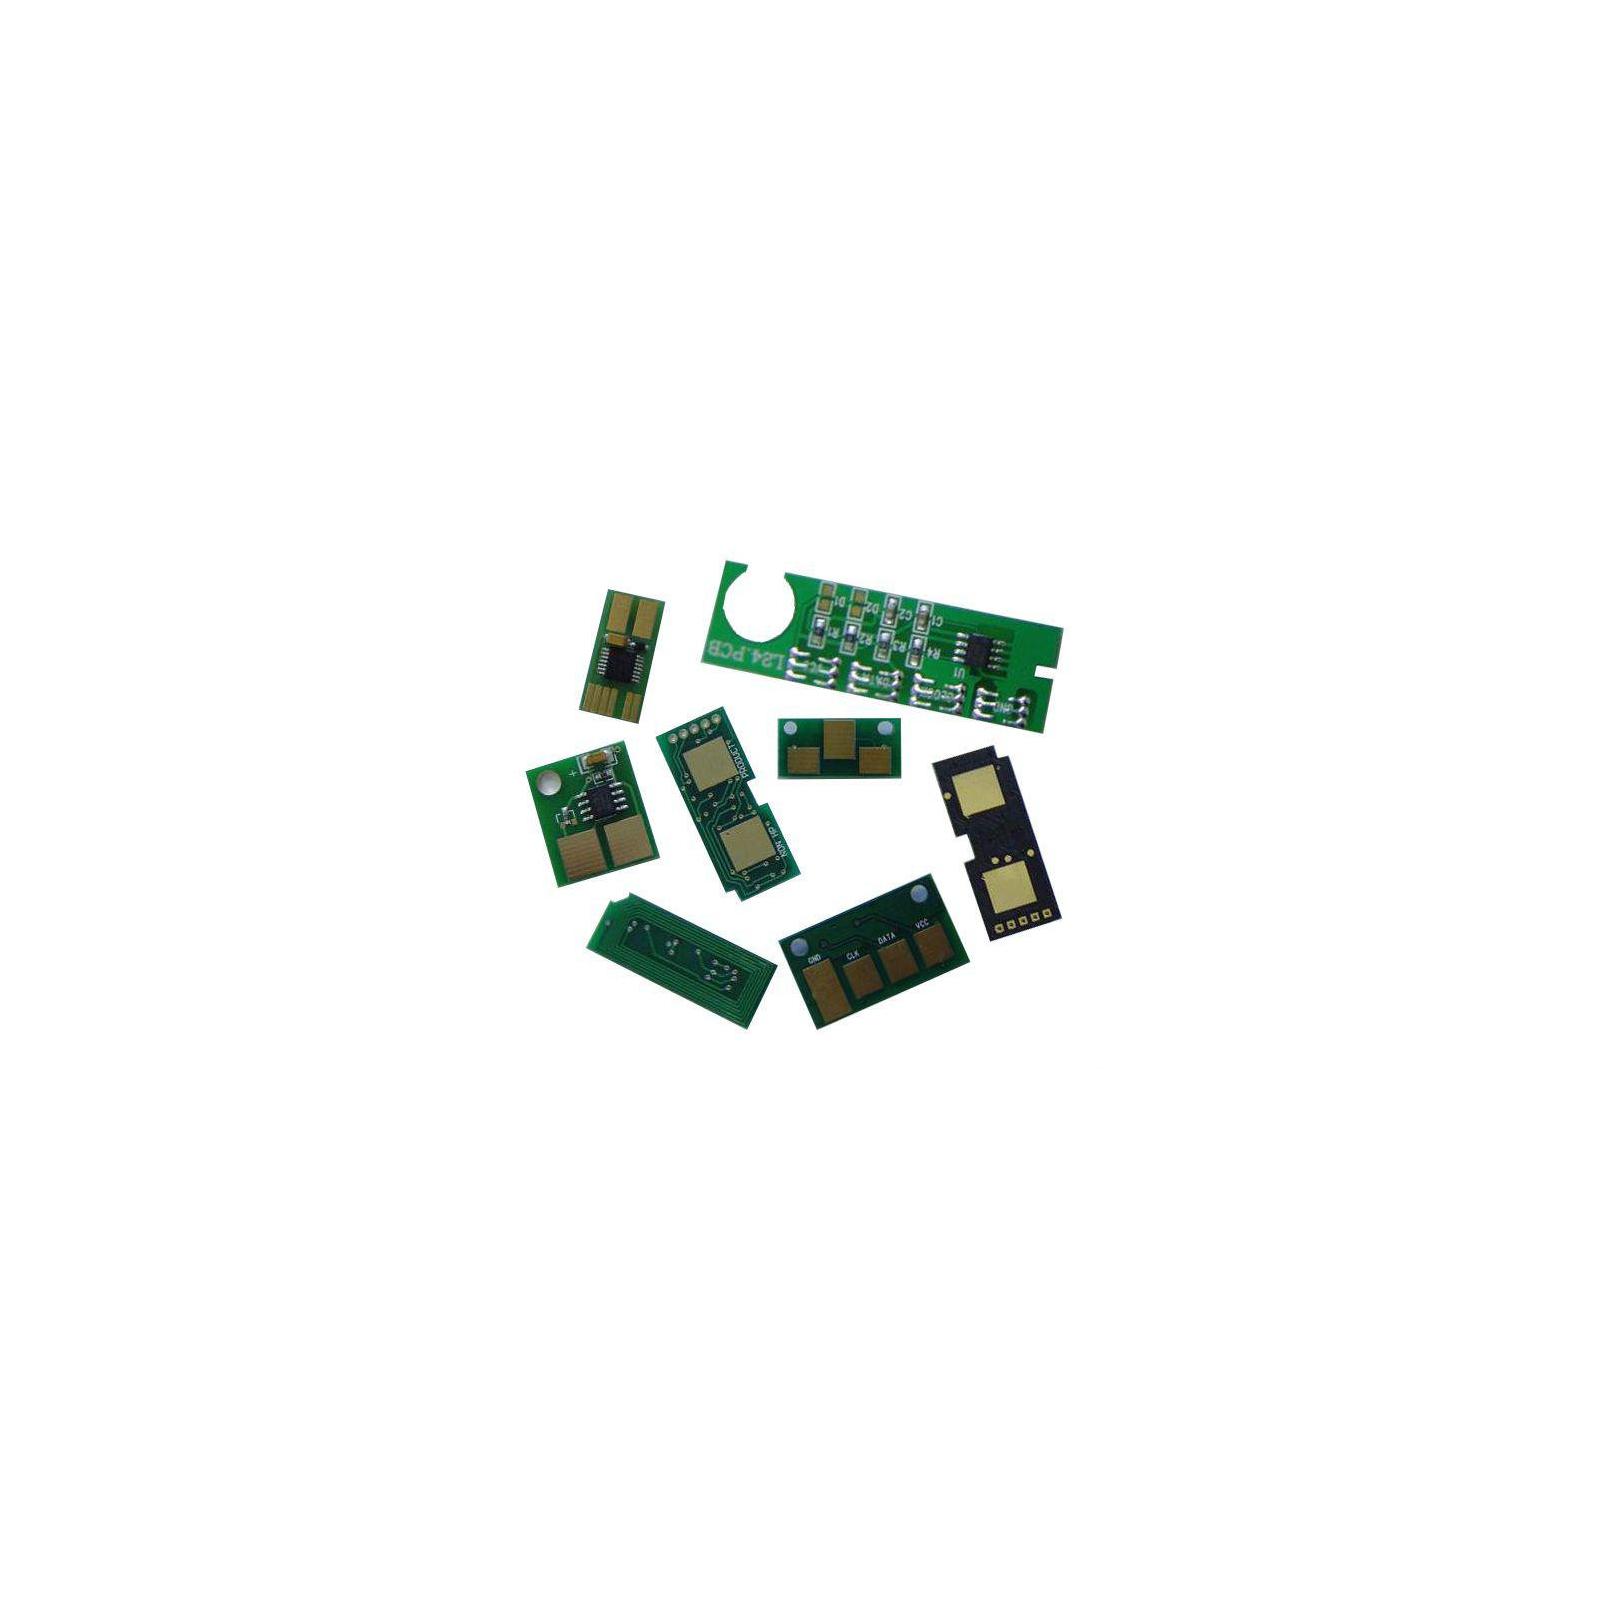 Чип для картриджа EPSON T3364 33XL ДЛЯ XP-530 YELLOW Apex (CHIP-EPS-T3364-Y)